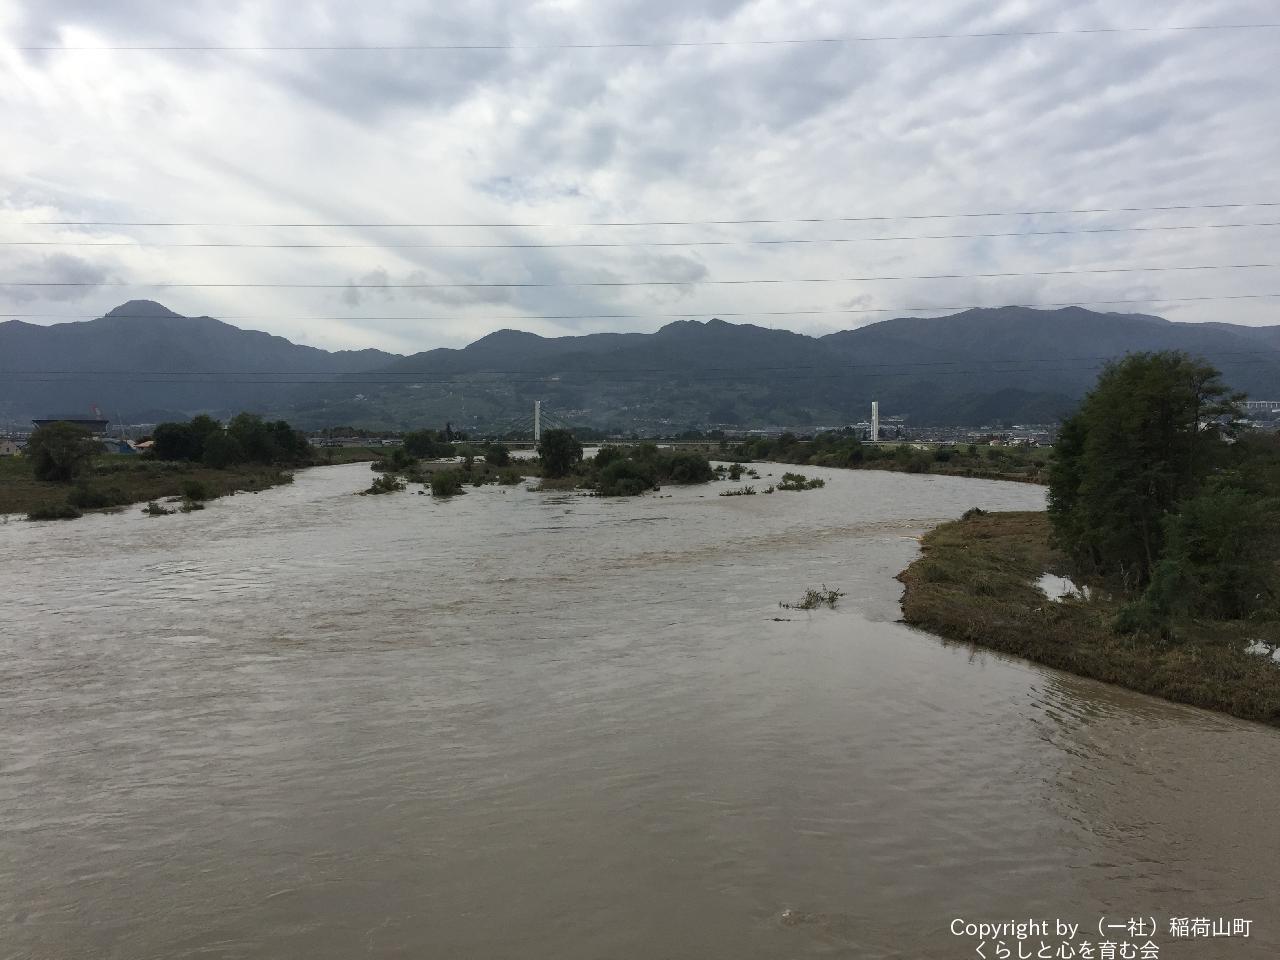 台風通過後の1日後の千曲川